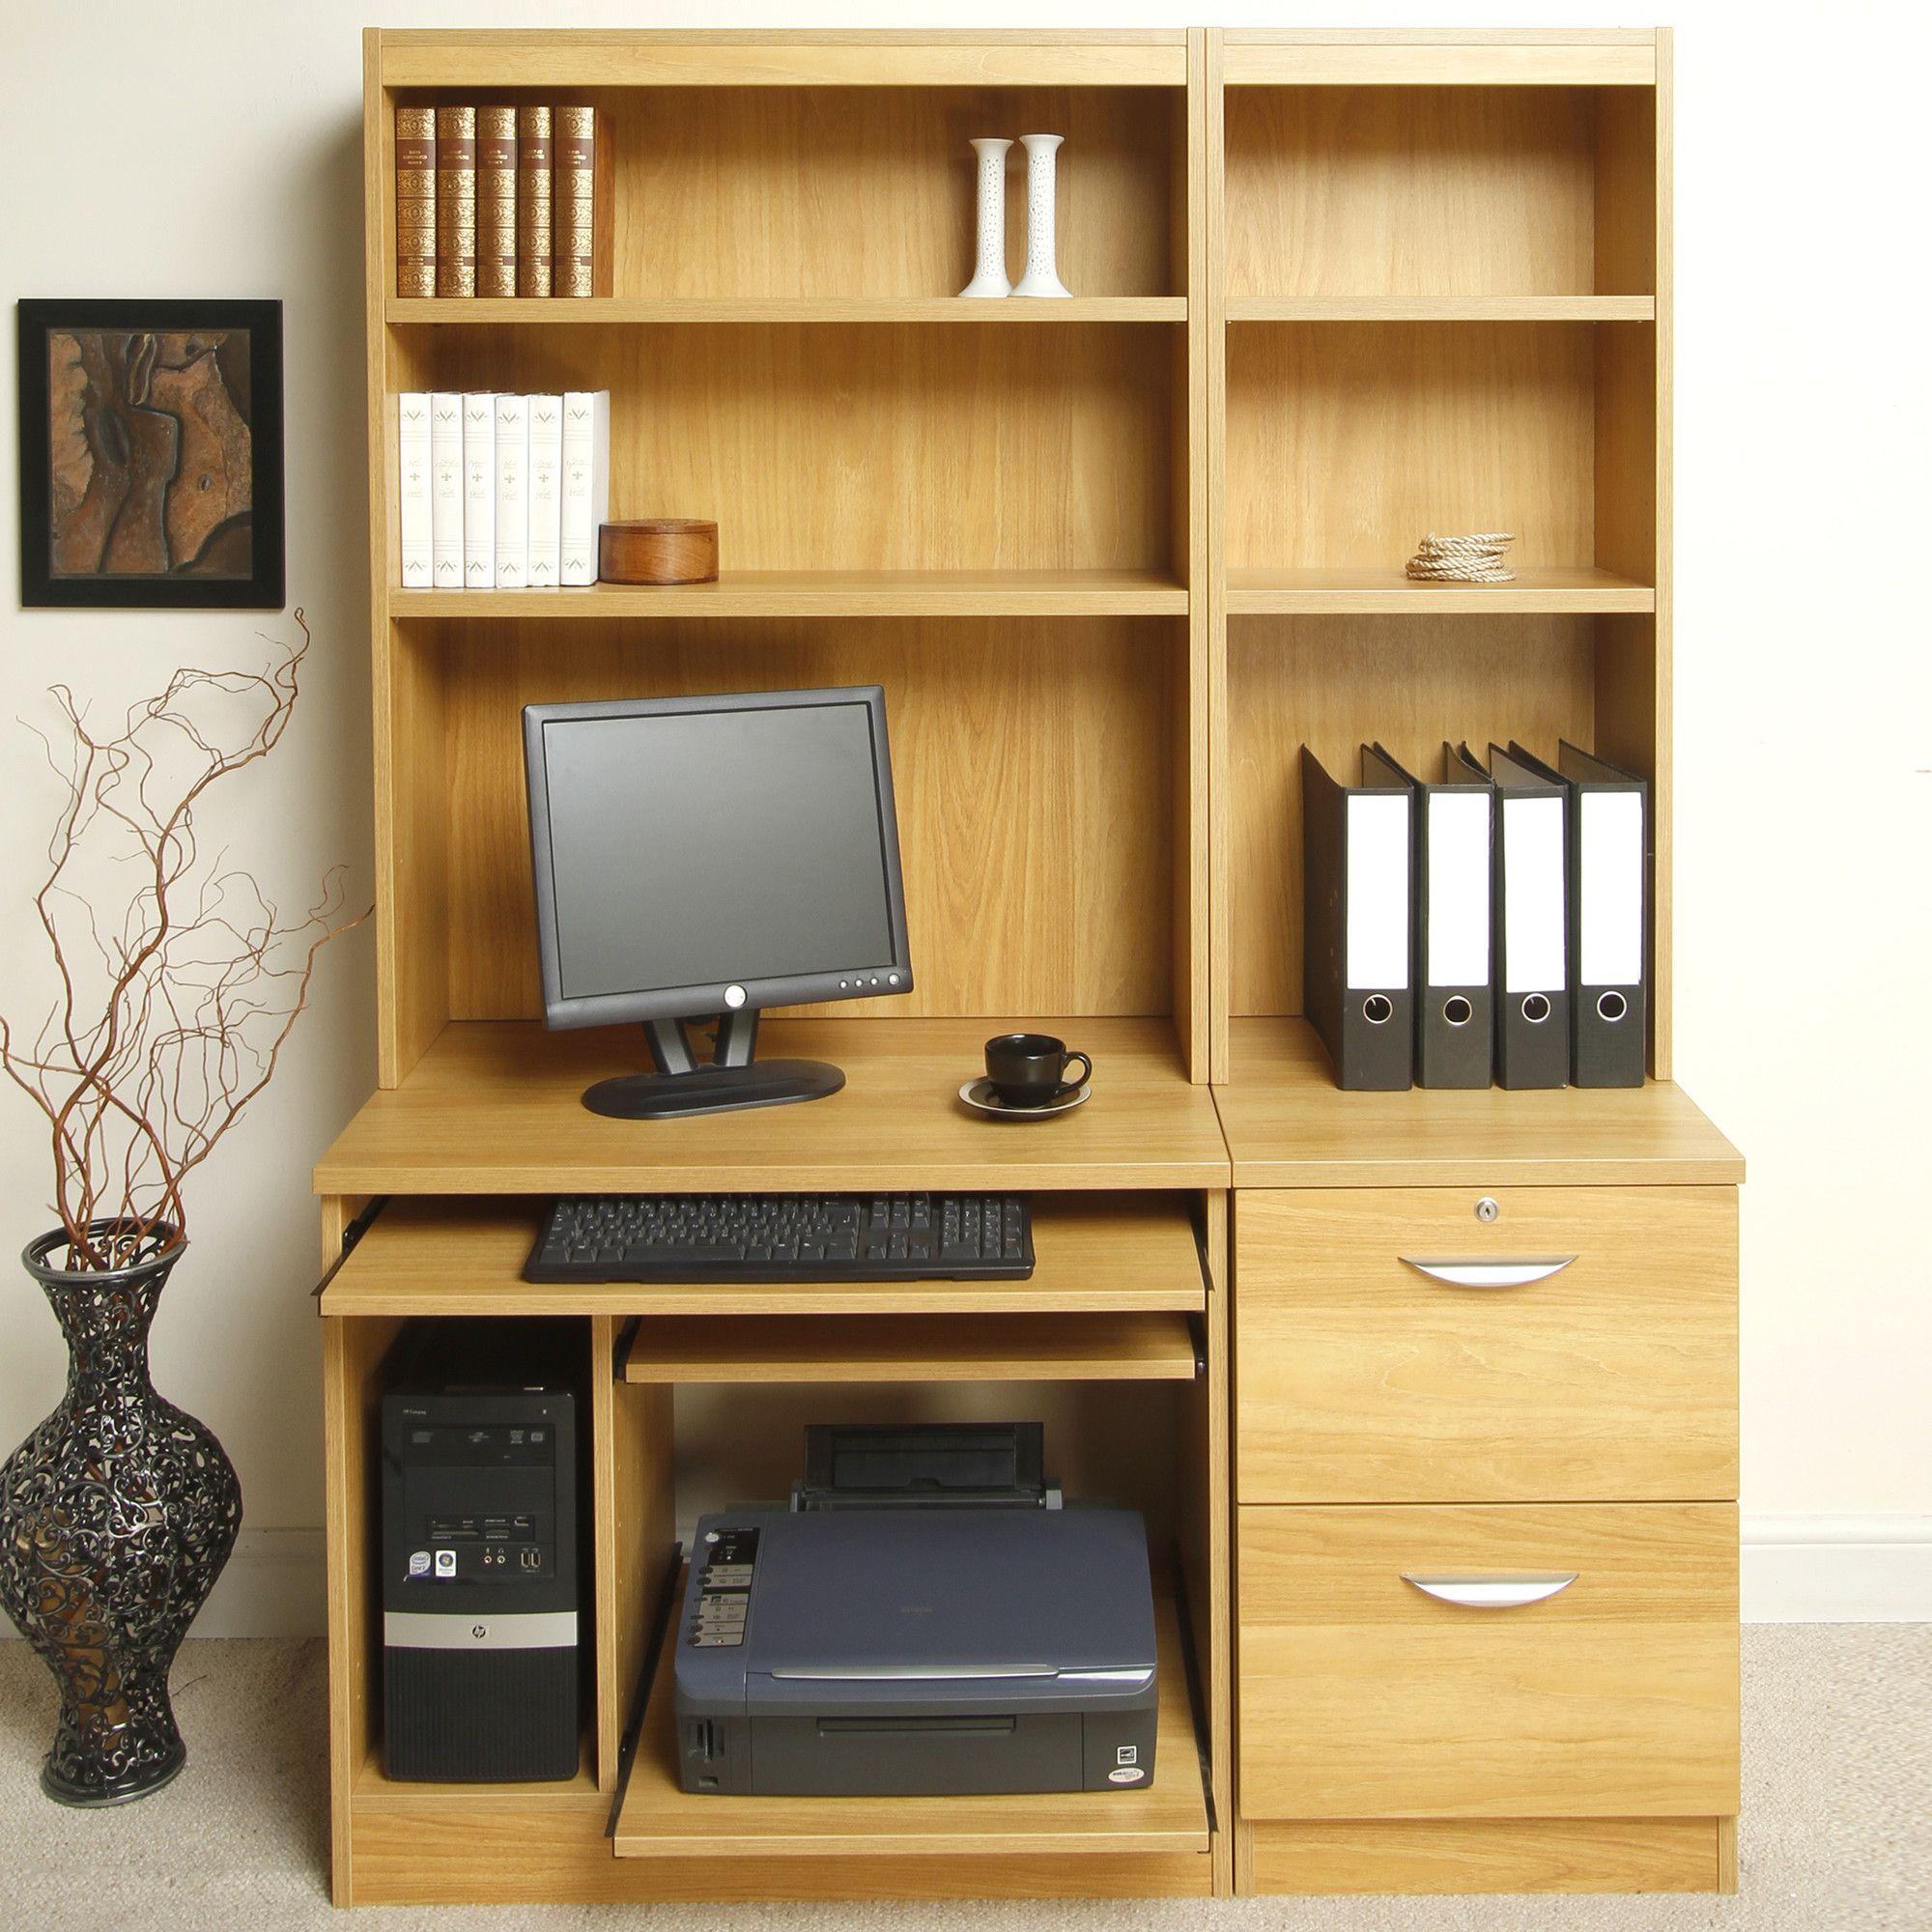 Enduro Home Office Desk / Workstation with Pedestal, Printer / CPU Storage and Inbuilt Bookshelves - Warm Oak at Tesco Direct